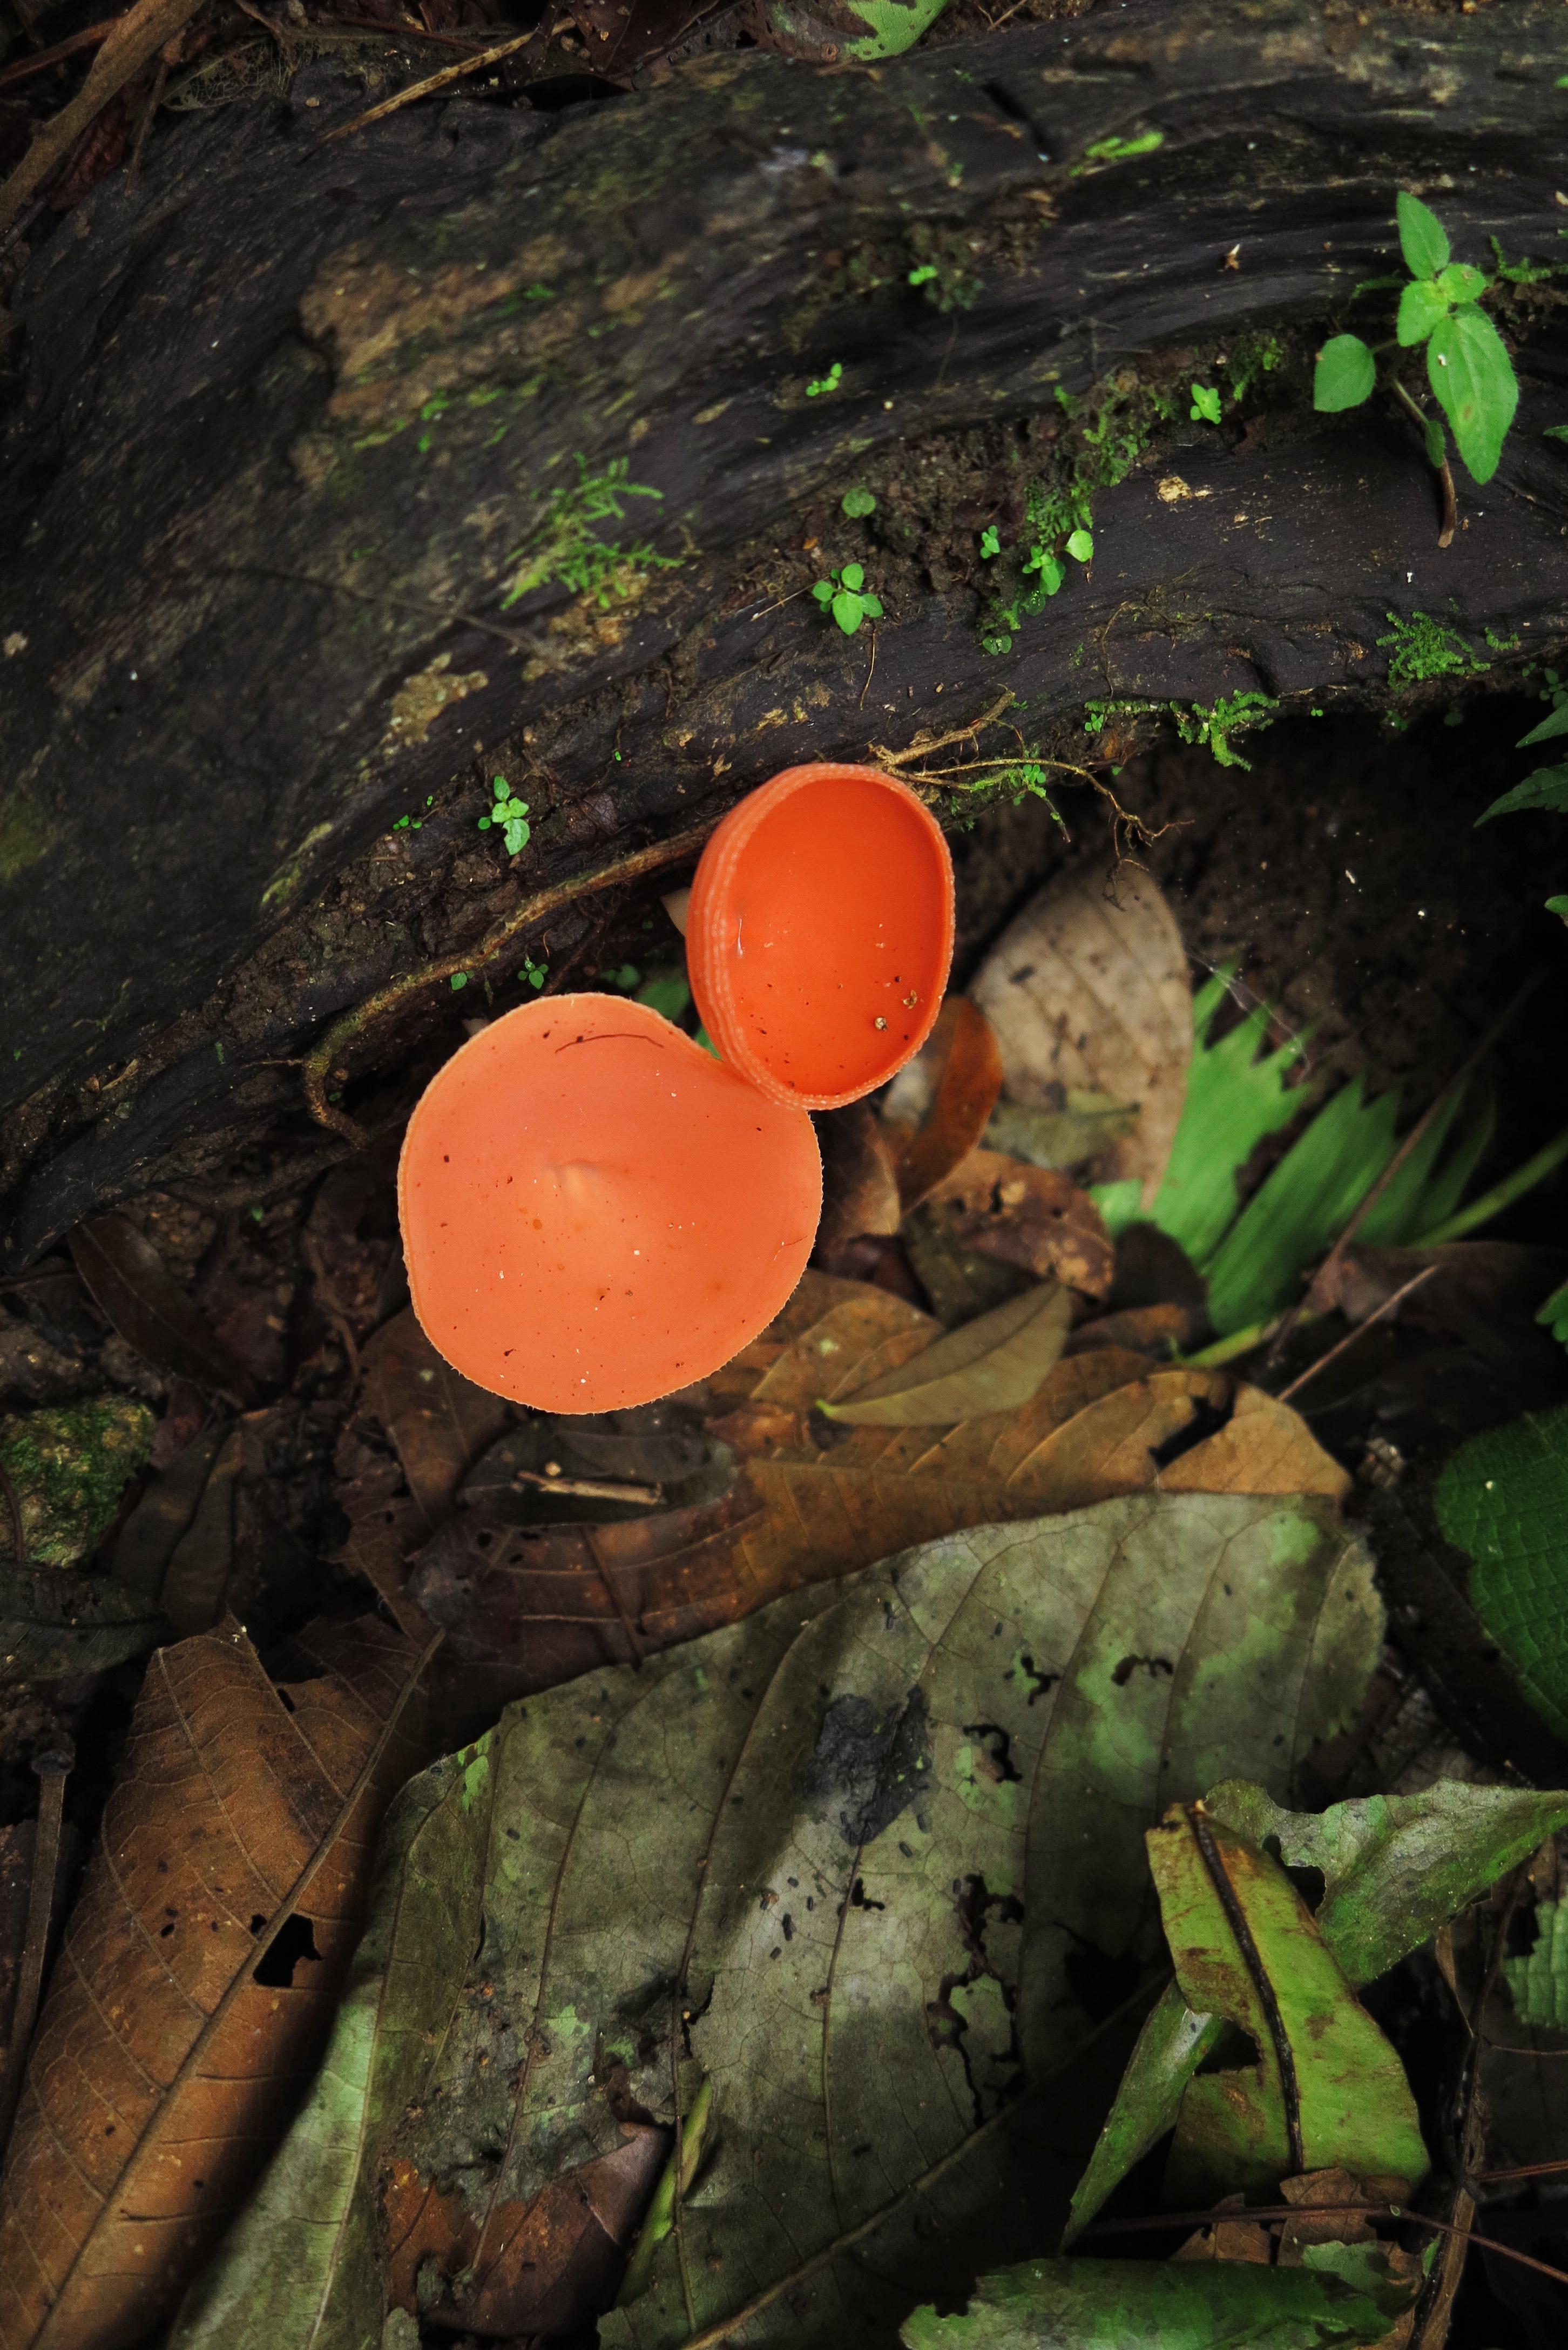 Fungis